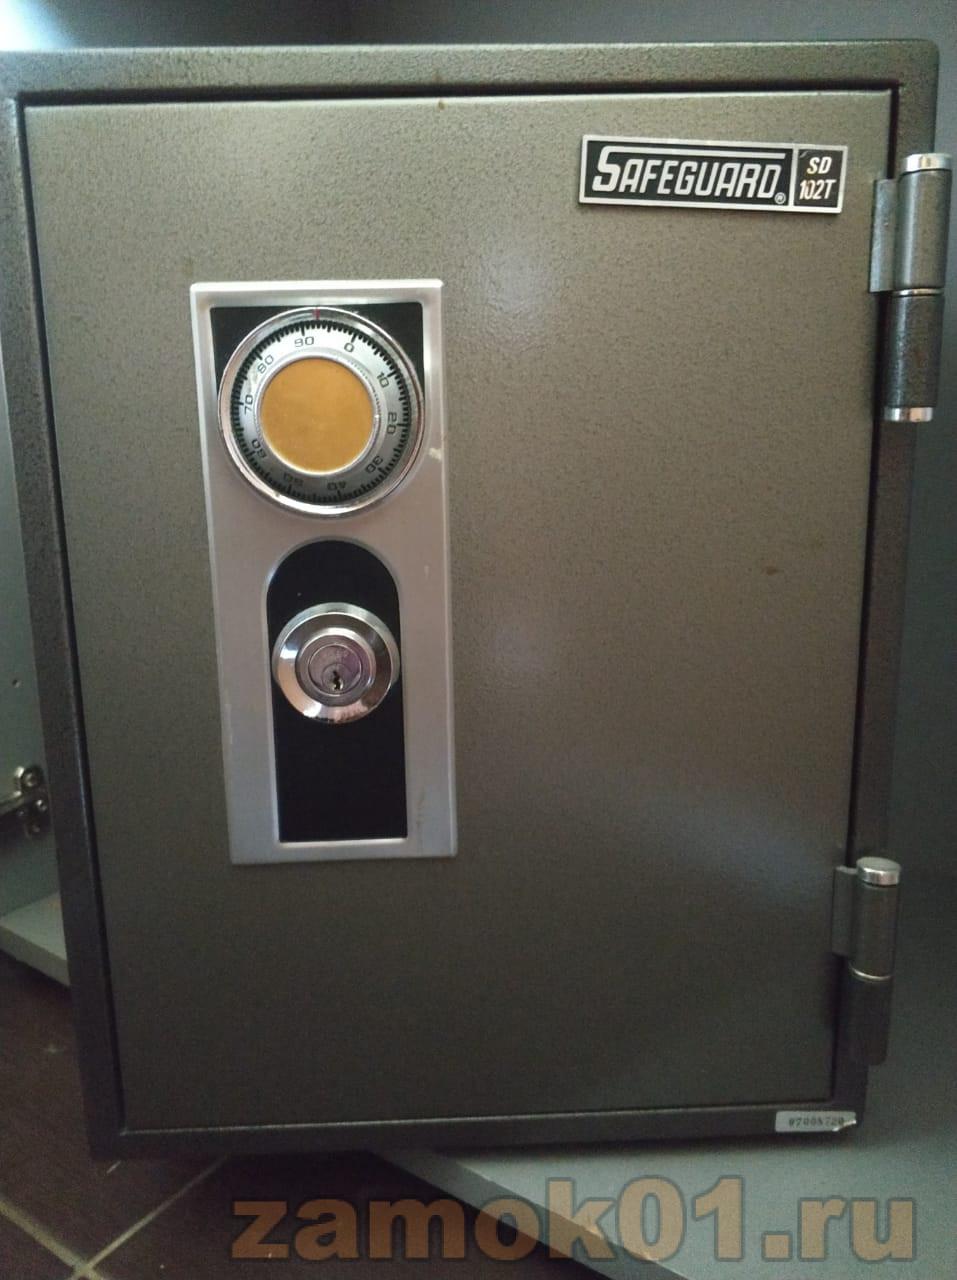 Как открыть сейф Safeguard